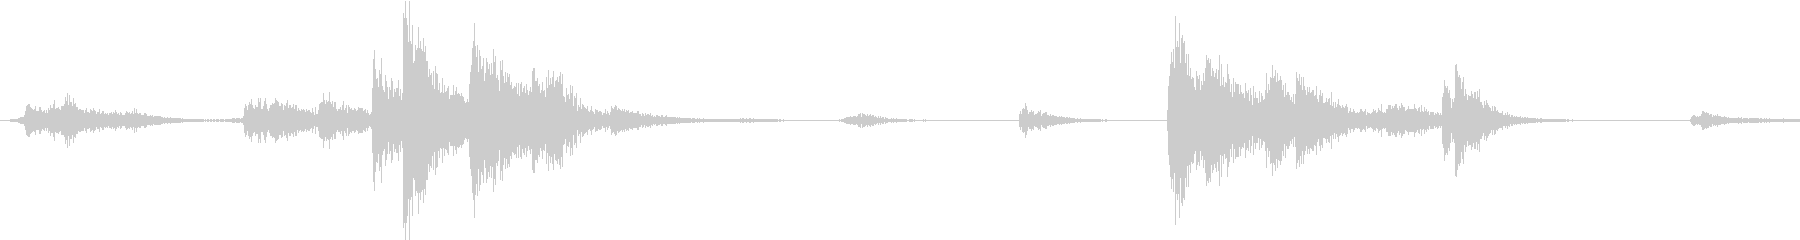 【生録音】装備品の音 金属 武器 11の未再生の波形